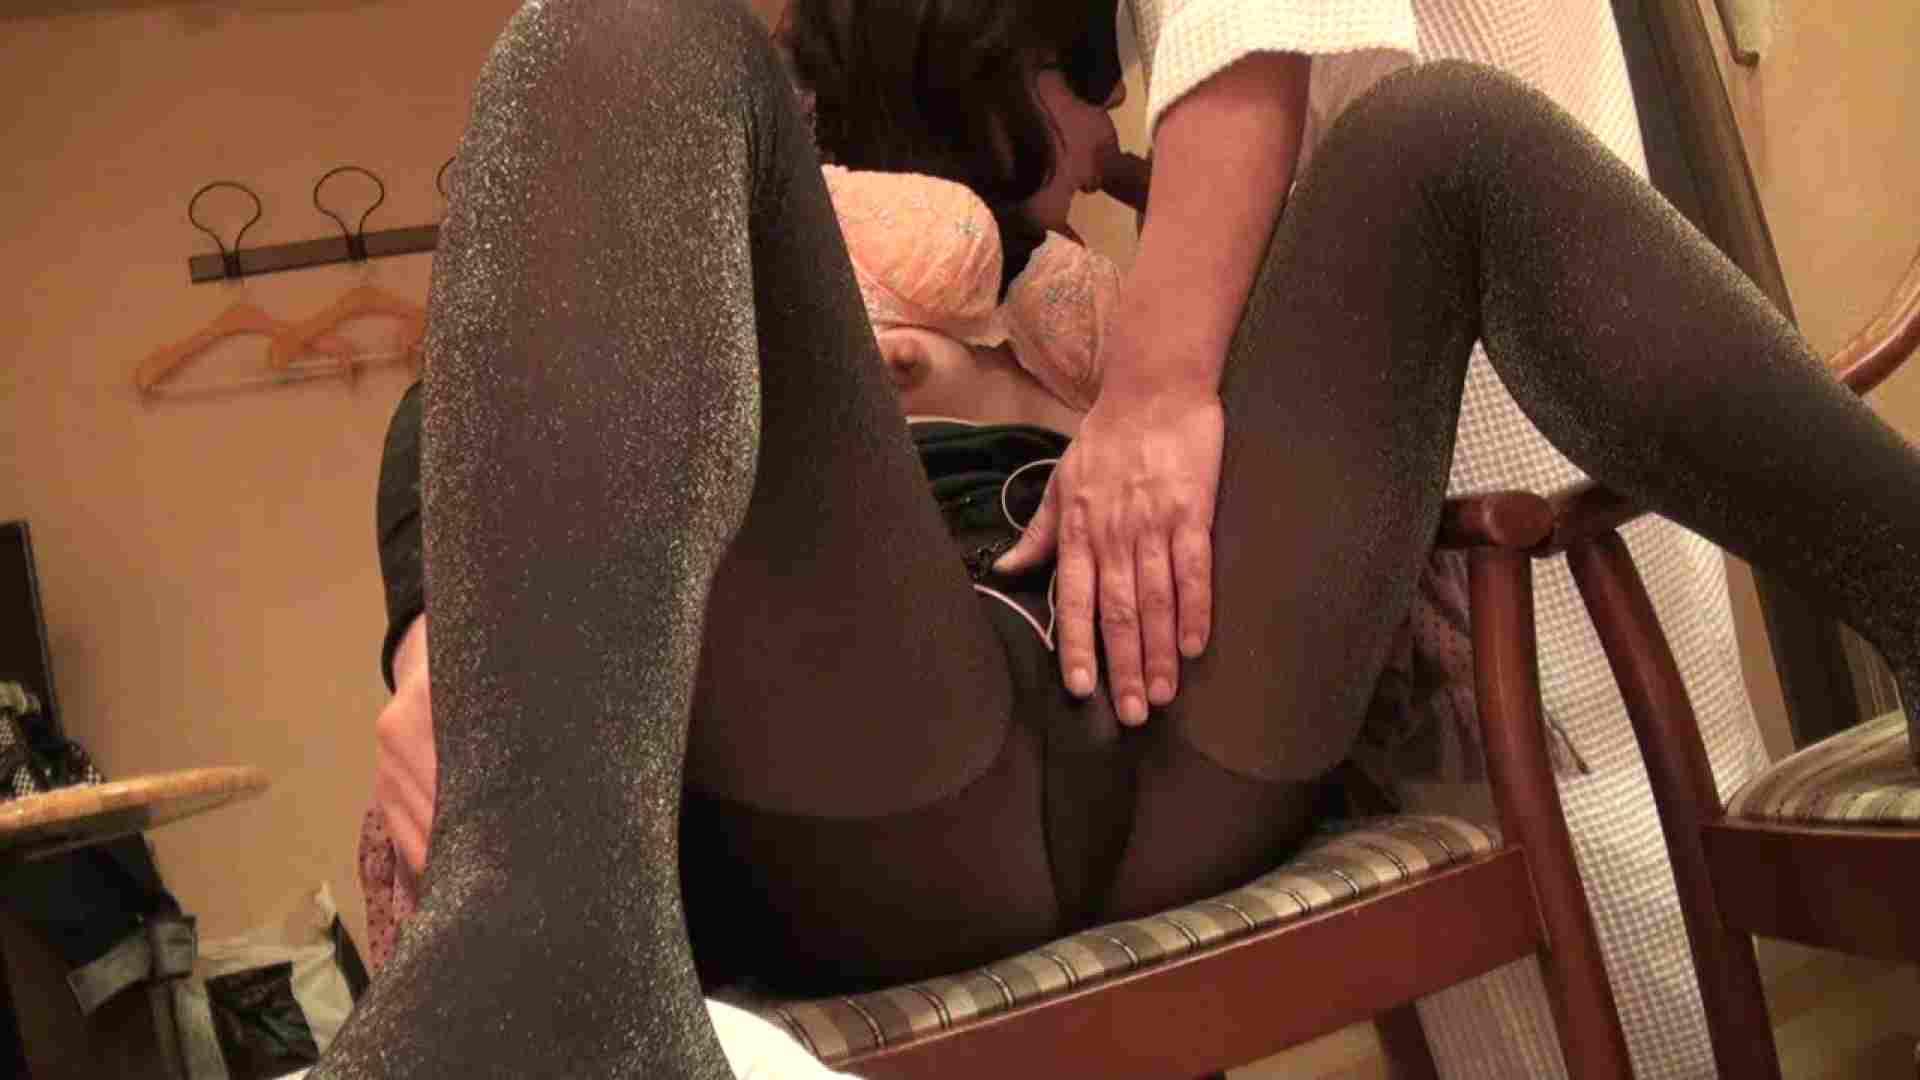 32才バツイチ子持ち現役看護婦じゅんこの変態願望Vol.2 OLヌード天国 盗撮動画紹介 77PIX 37